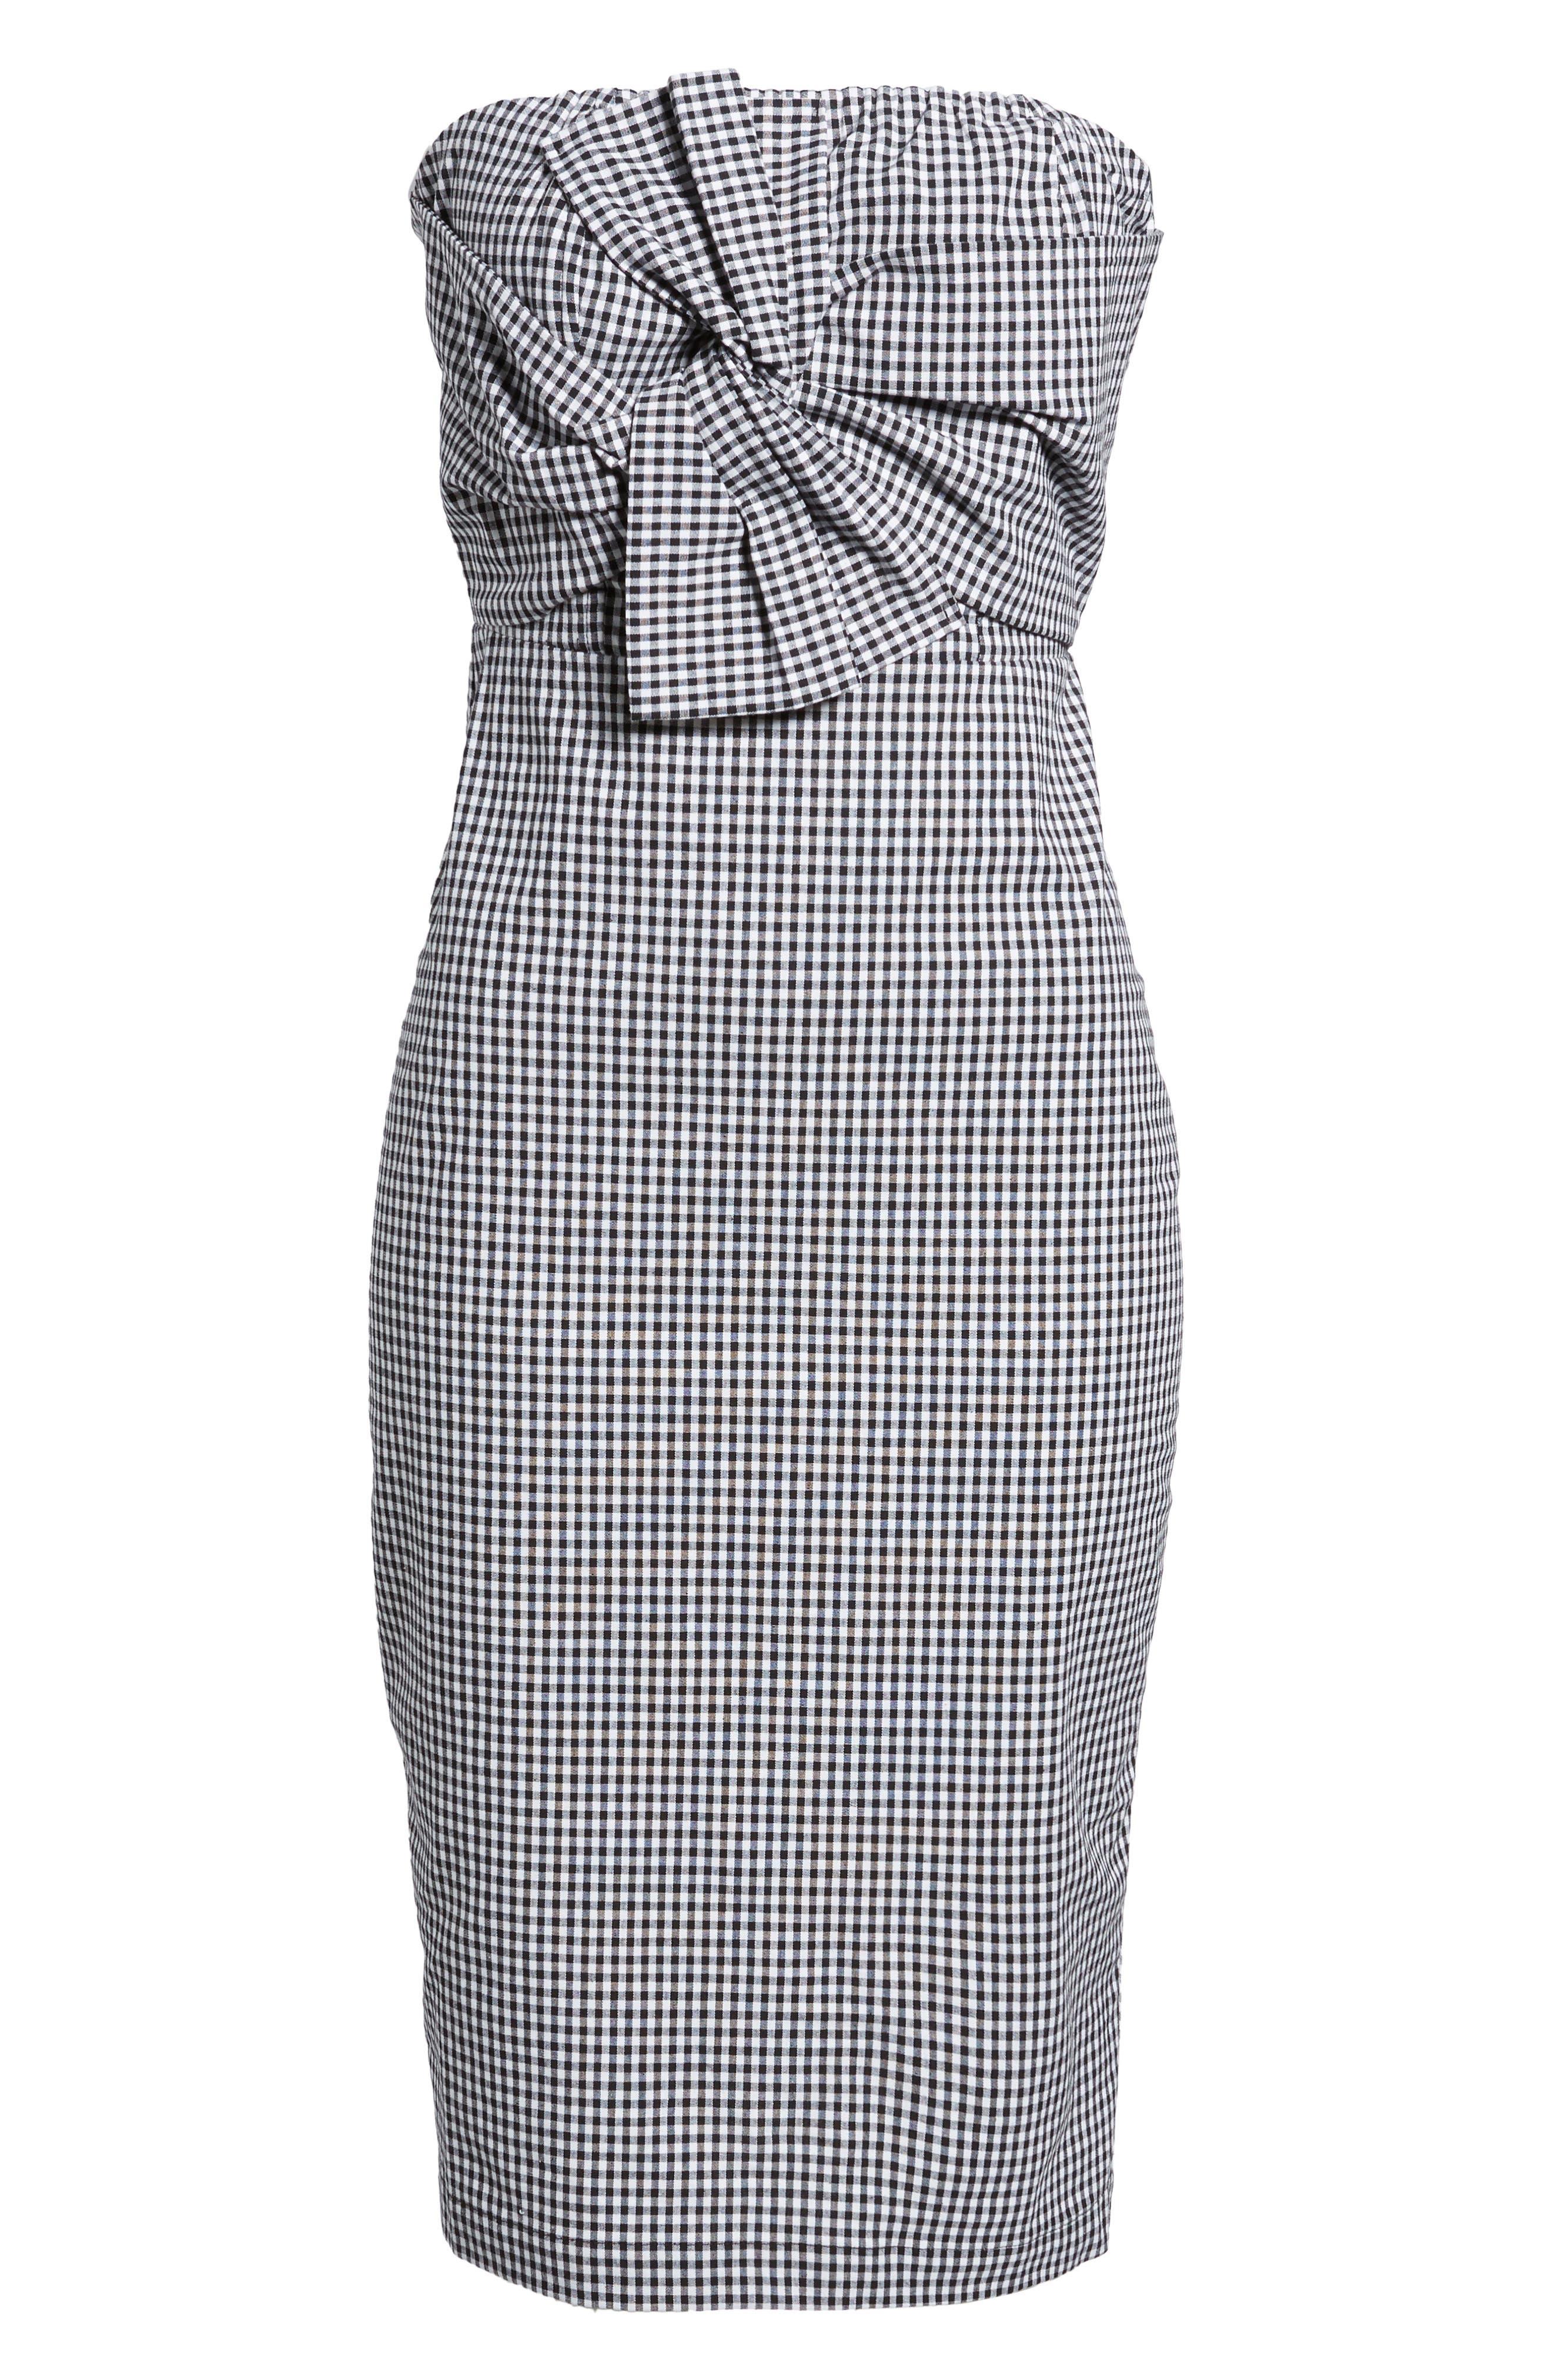 Strapless Gingham Dress,                             Alternate thumbnail 6, color,                             Black Gingham Stripe